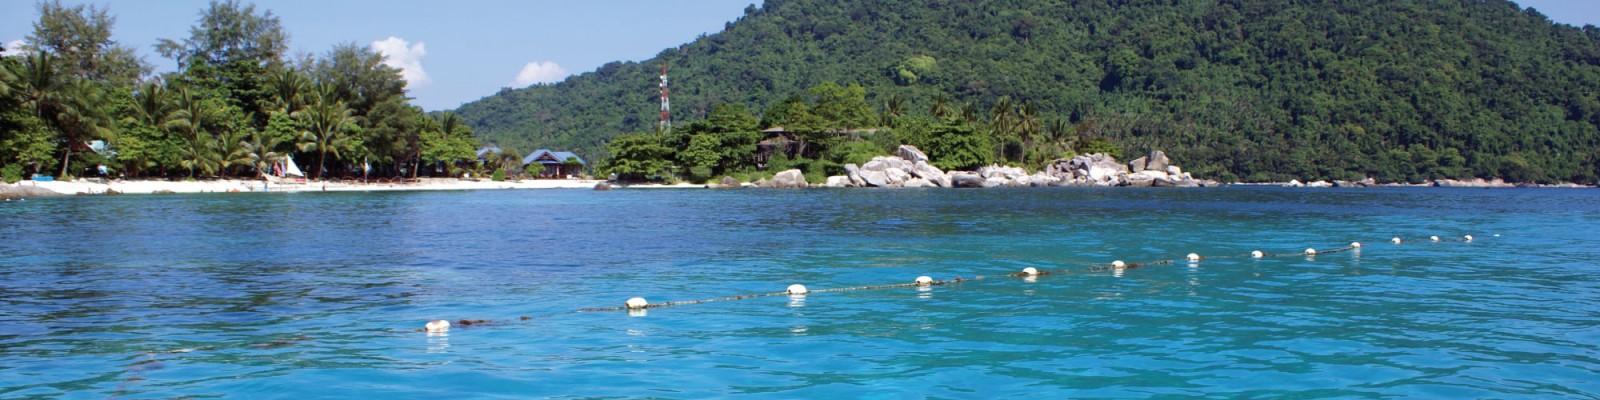 Tenrag Yacht Charter: Malaysia